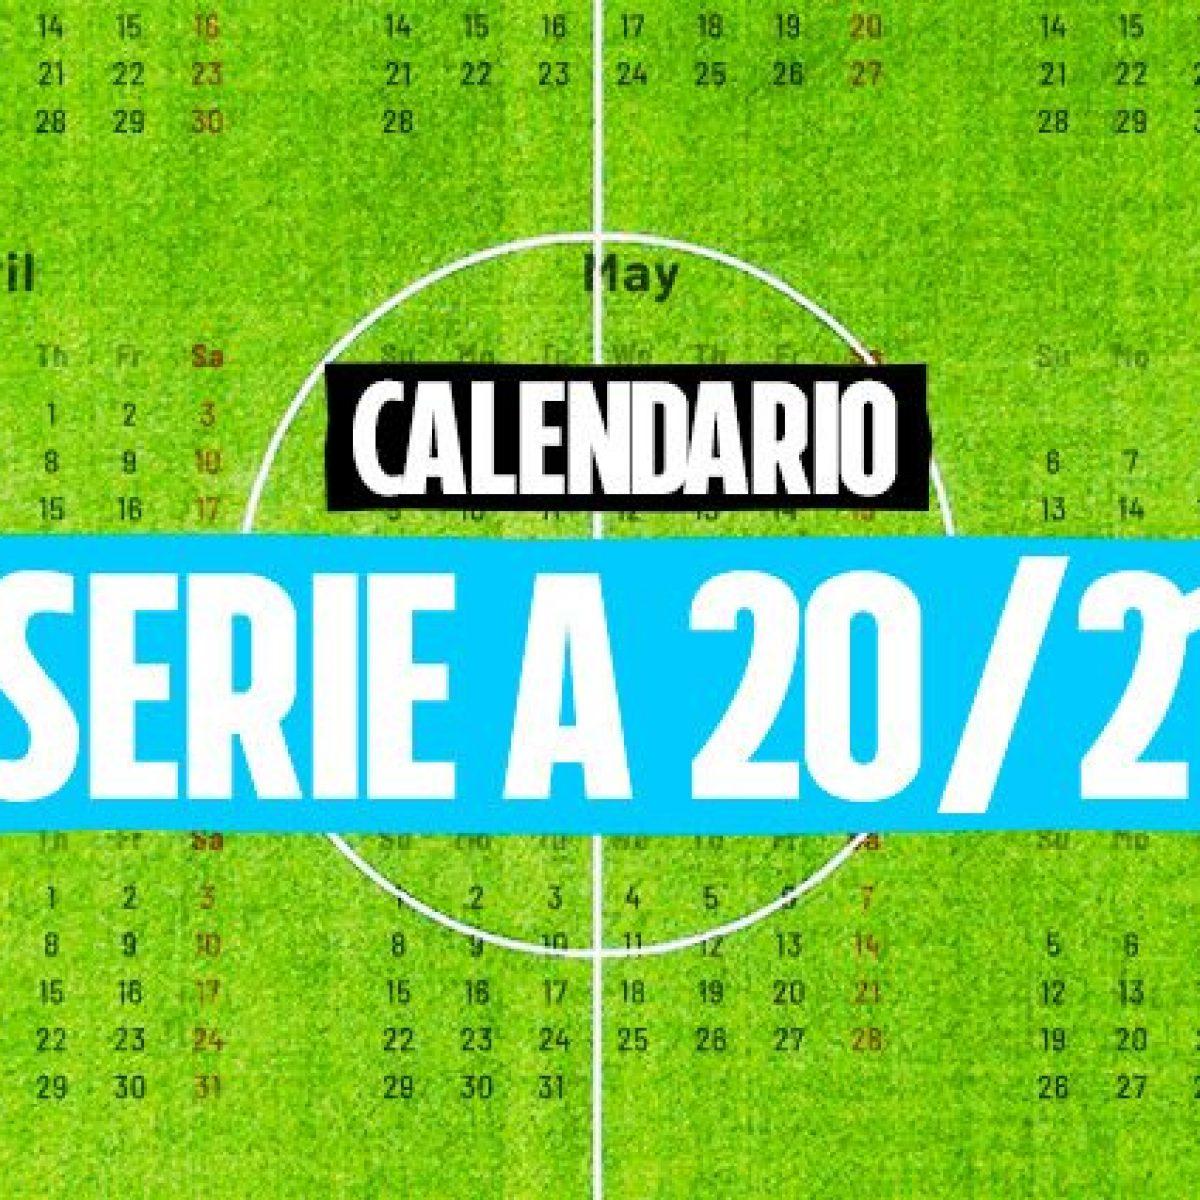 Calendario Serie A 2020/21, tutte le partite e le giornate